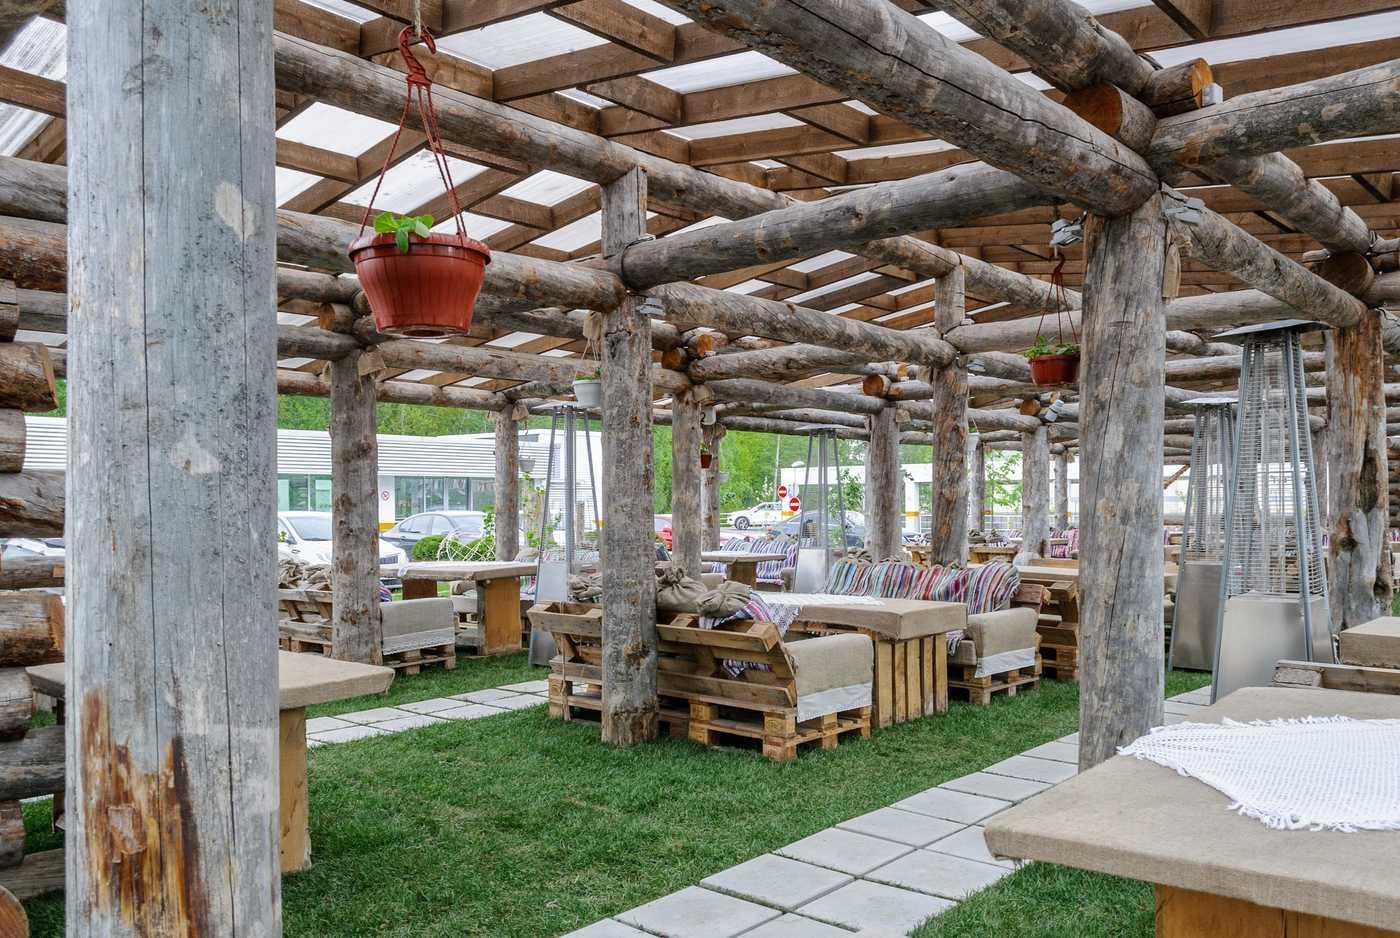 Необычные и интересные рестораны и кафе Санкт-Петербурга